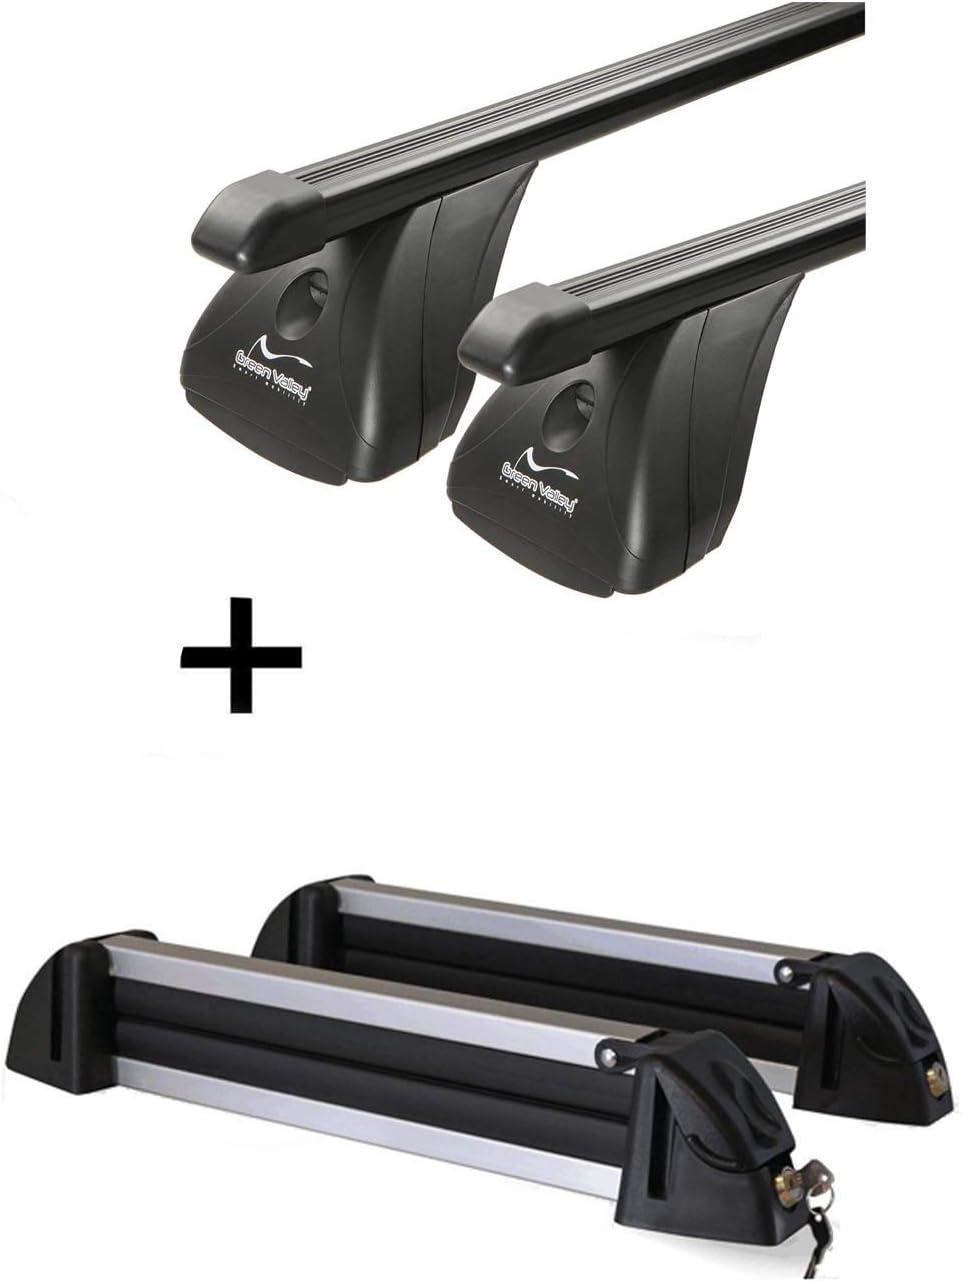 Skitr/äger//Snowboardtr/äger//Skihalter Alu 4 Paar Ski kompatibel mit Ford Focus III Kombi 5 T/ürer ab 2011 VDP Dachtr/äger Original Stahl